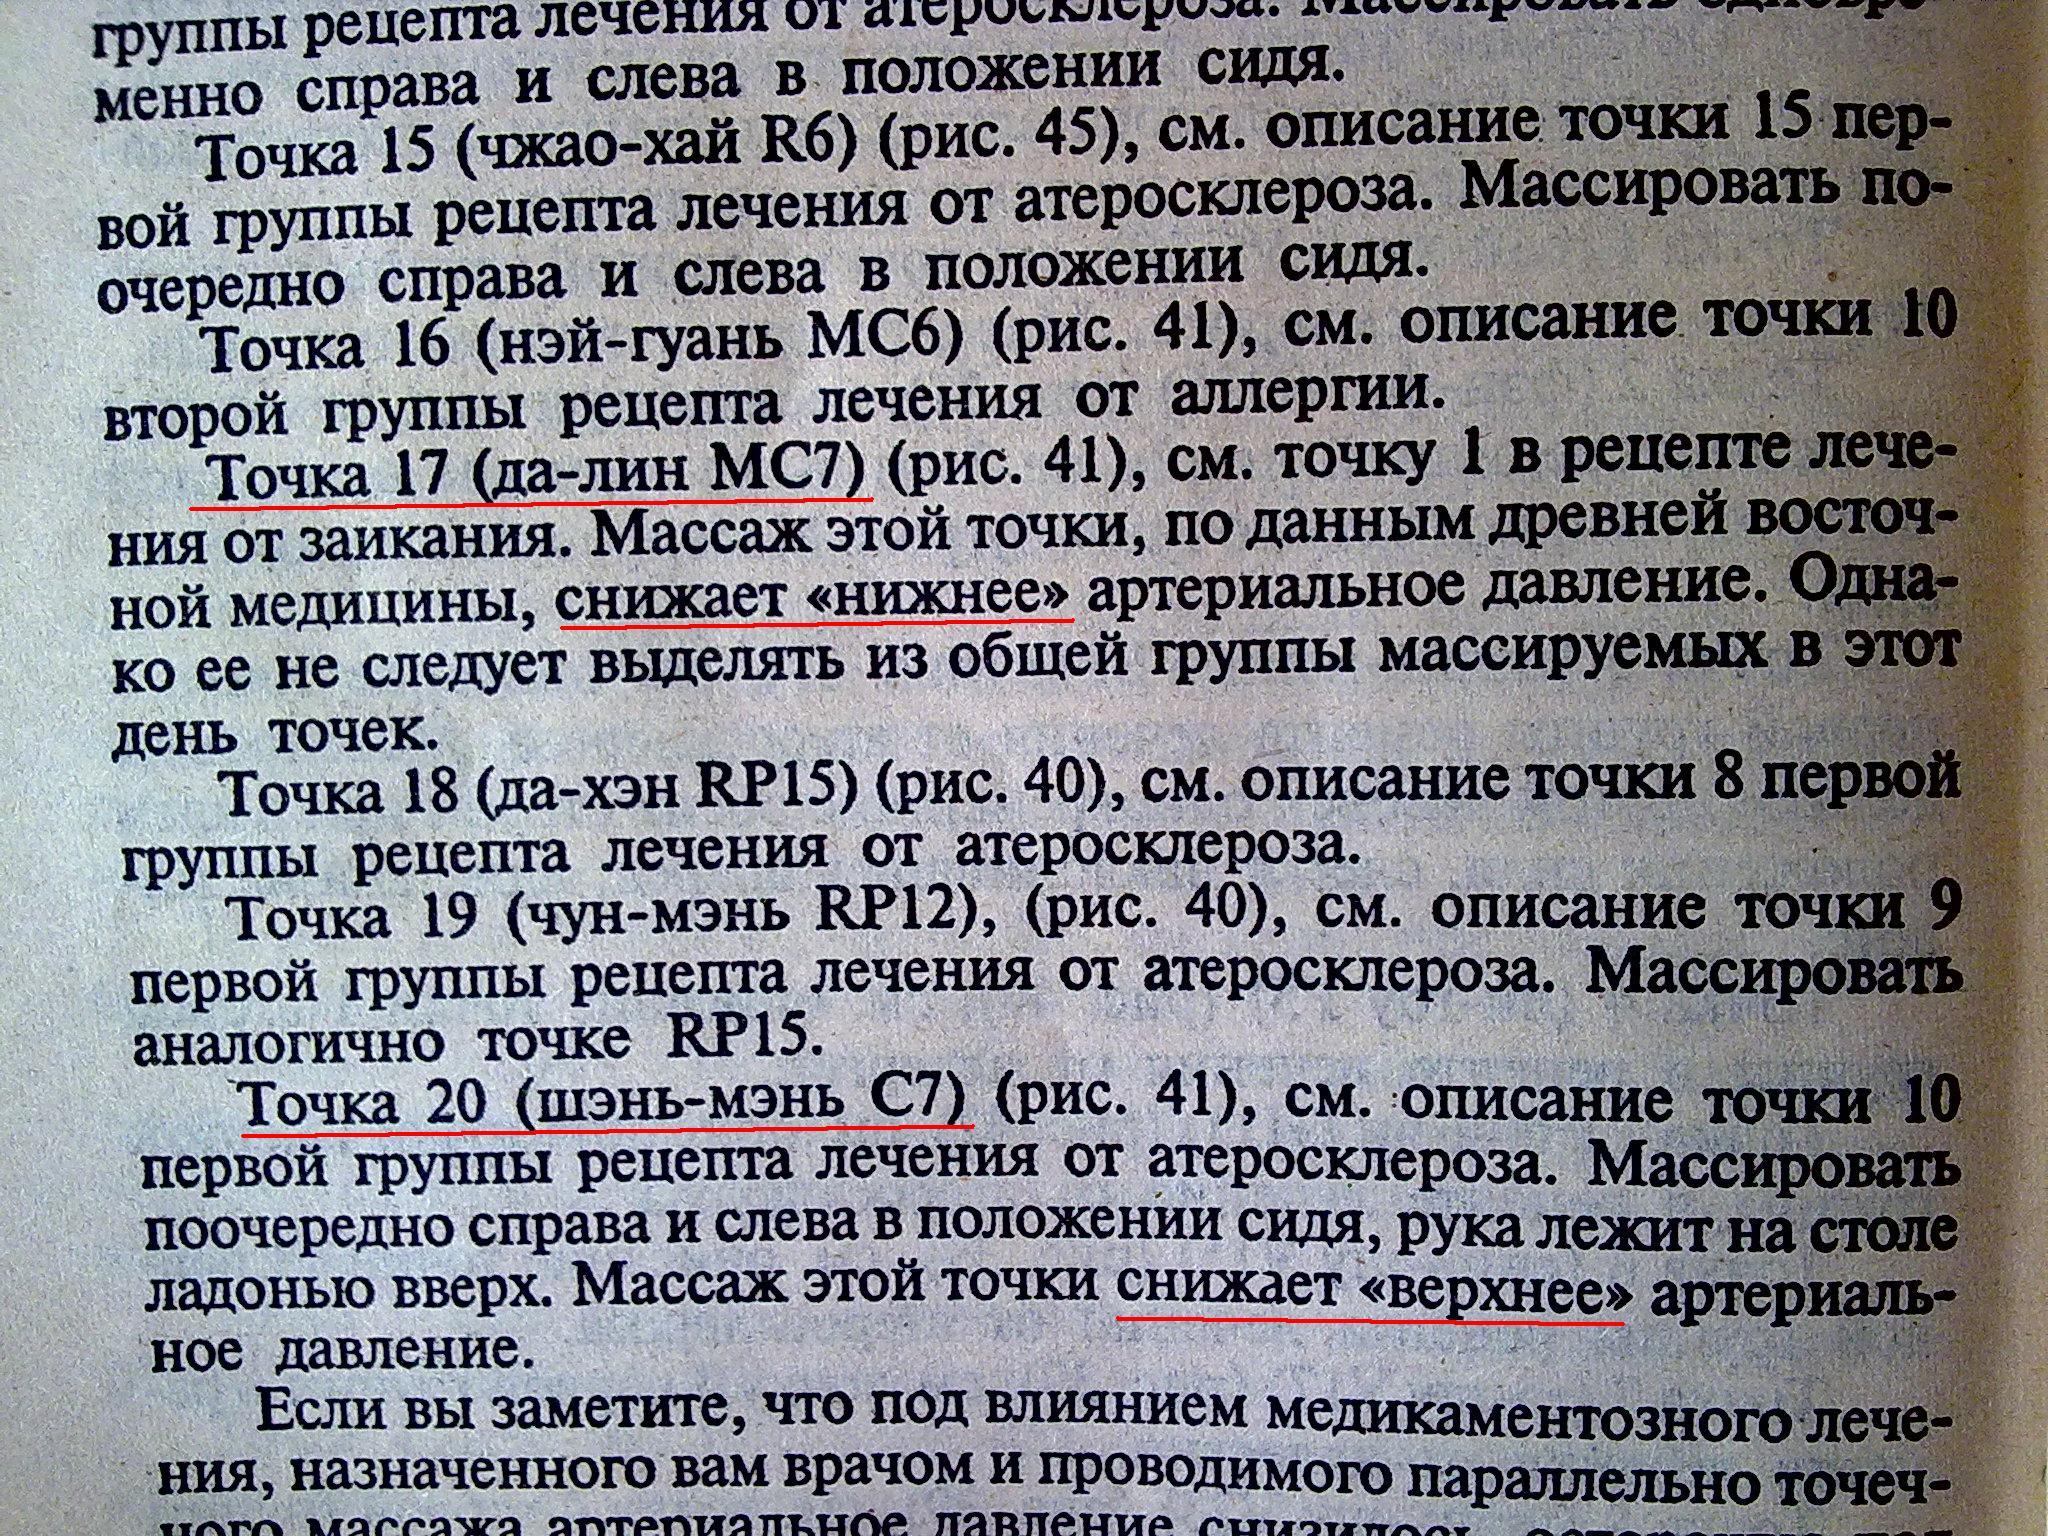 http://s3.uploads.ru/8cF9H.jpg